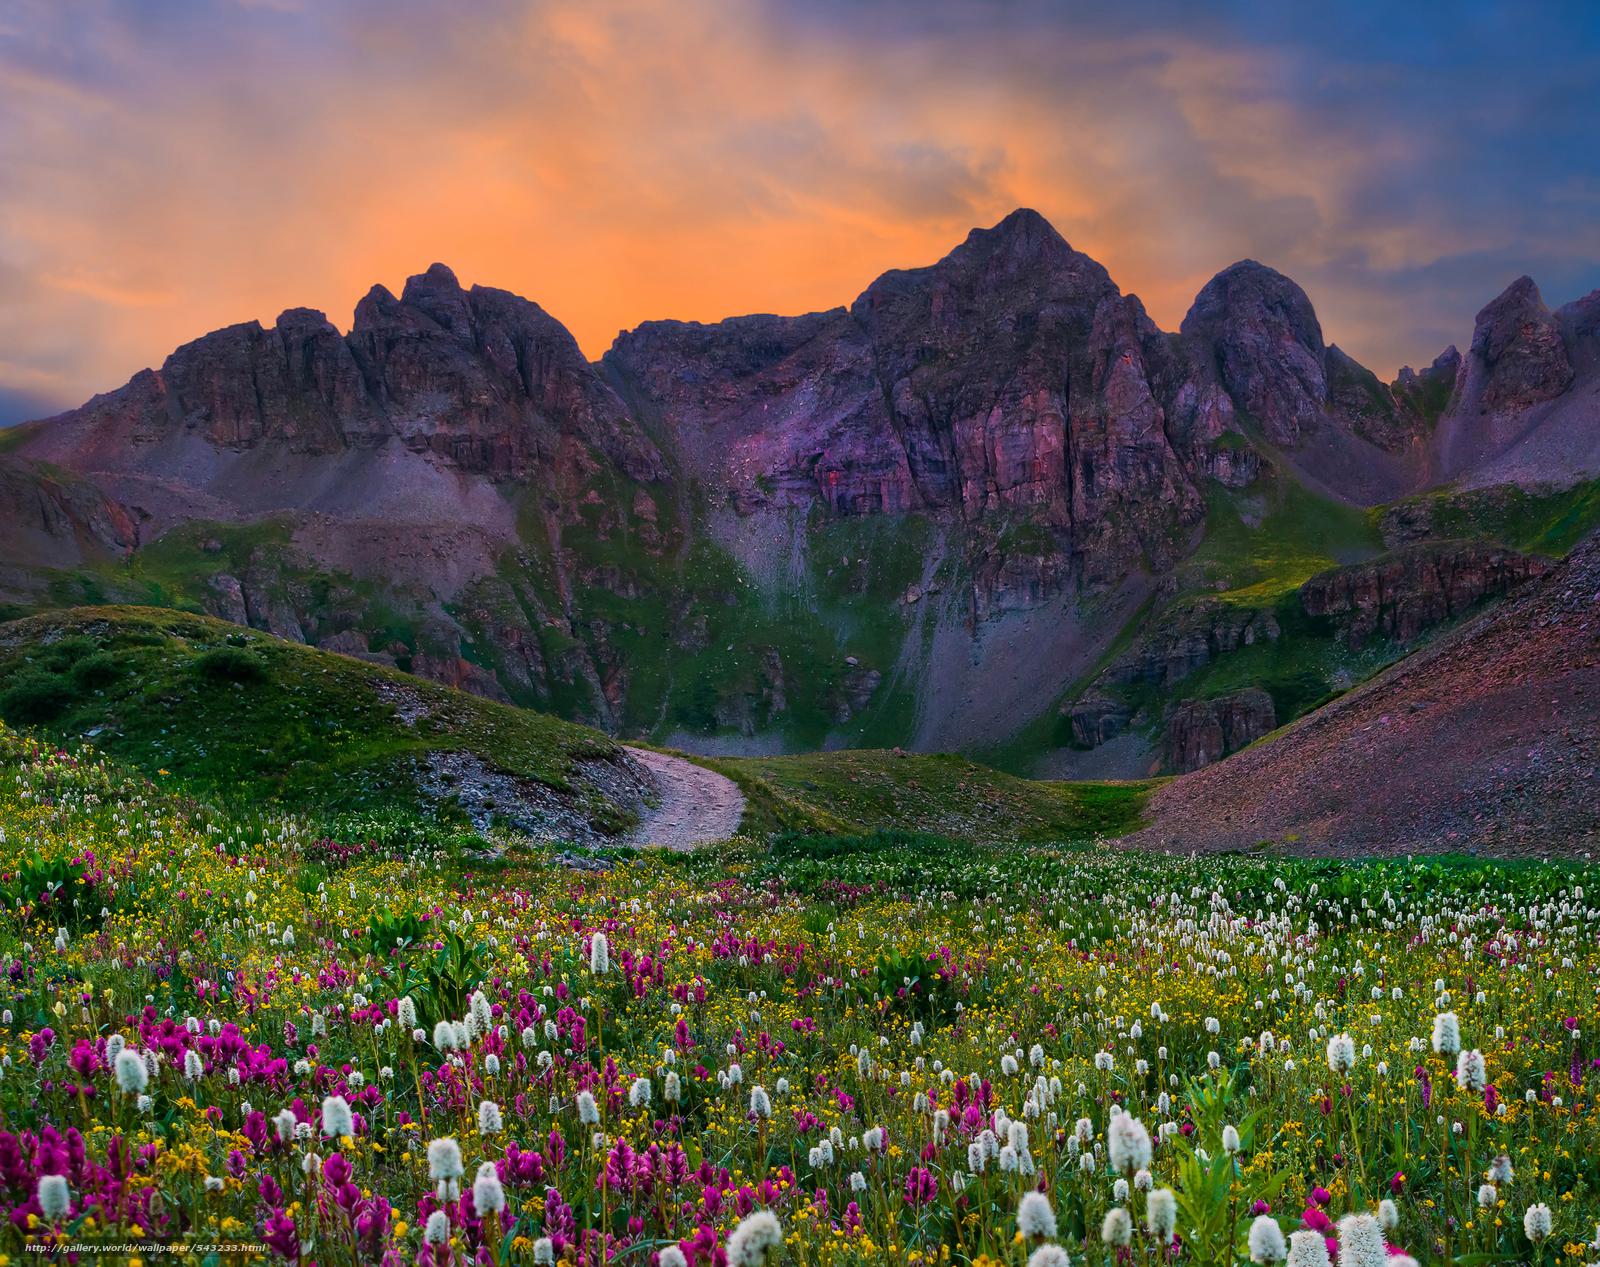 Colorado desktop wallpapers wallpapersafari - Colorado desktop background ...